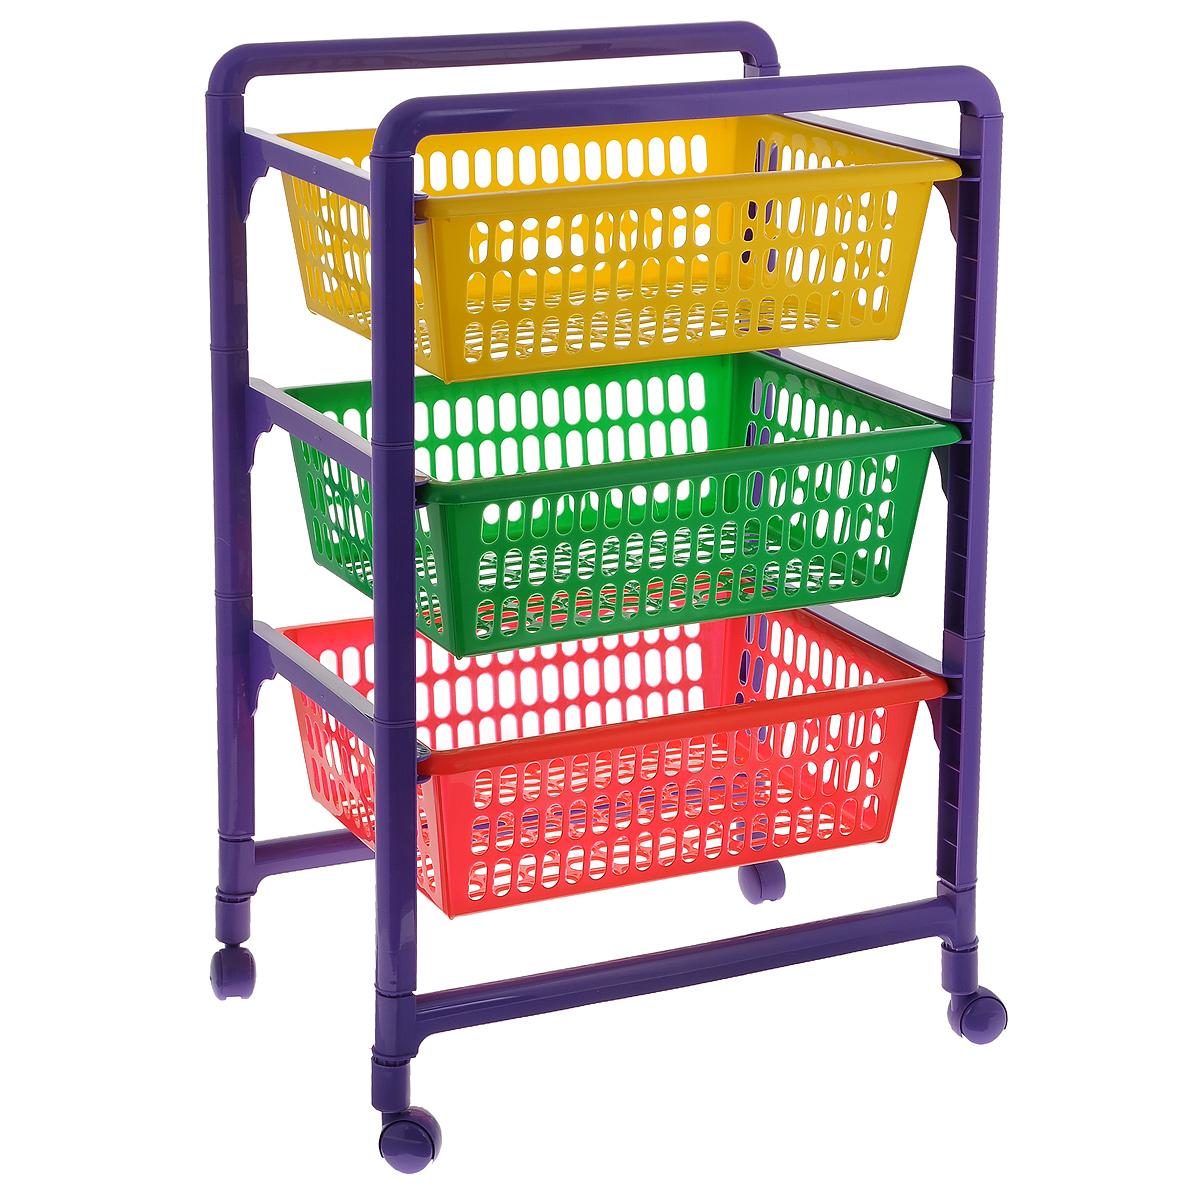 Контейнер для игрушек Малыш, 3-х секционный, на колесиках, с выдвижными полками, 45 x 31,1 x 66,2 смCLP446Контейнер Малыш, выполненный из высококачественного пластика, предназначен для хранения игрушек. Состоит из трех перфорированных секций разного цвета. Вместительные выдвижные полки позволят компактно хранить детские игрушки, а также защитят их от пыли, грязи и влаги.Контейнер оснащен колесиками, поэтому его очень легко двигать.Размер в сложенном виде: 45 см х 31,1 см х 18 см. Размер в собранном виде: 45 см x 31,1 см x 66,2 см. Размер корзинки: 49,5 см x 30 см x 12 см.